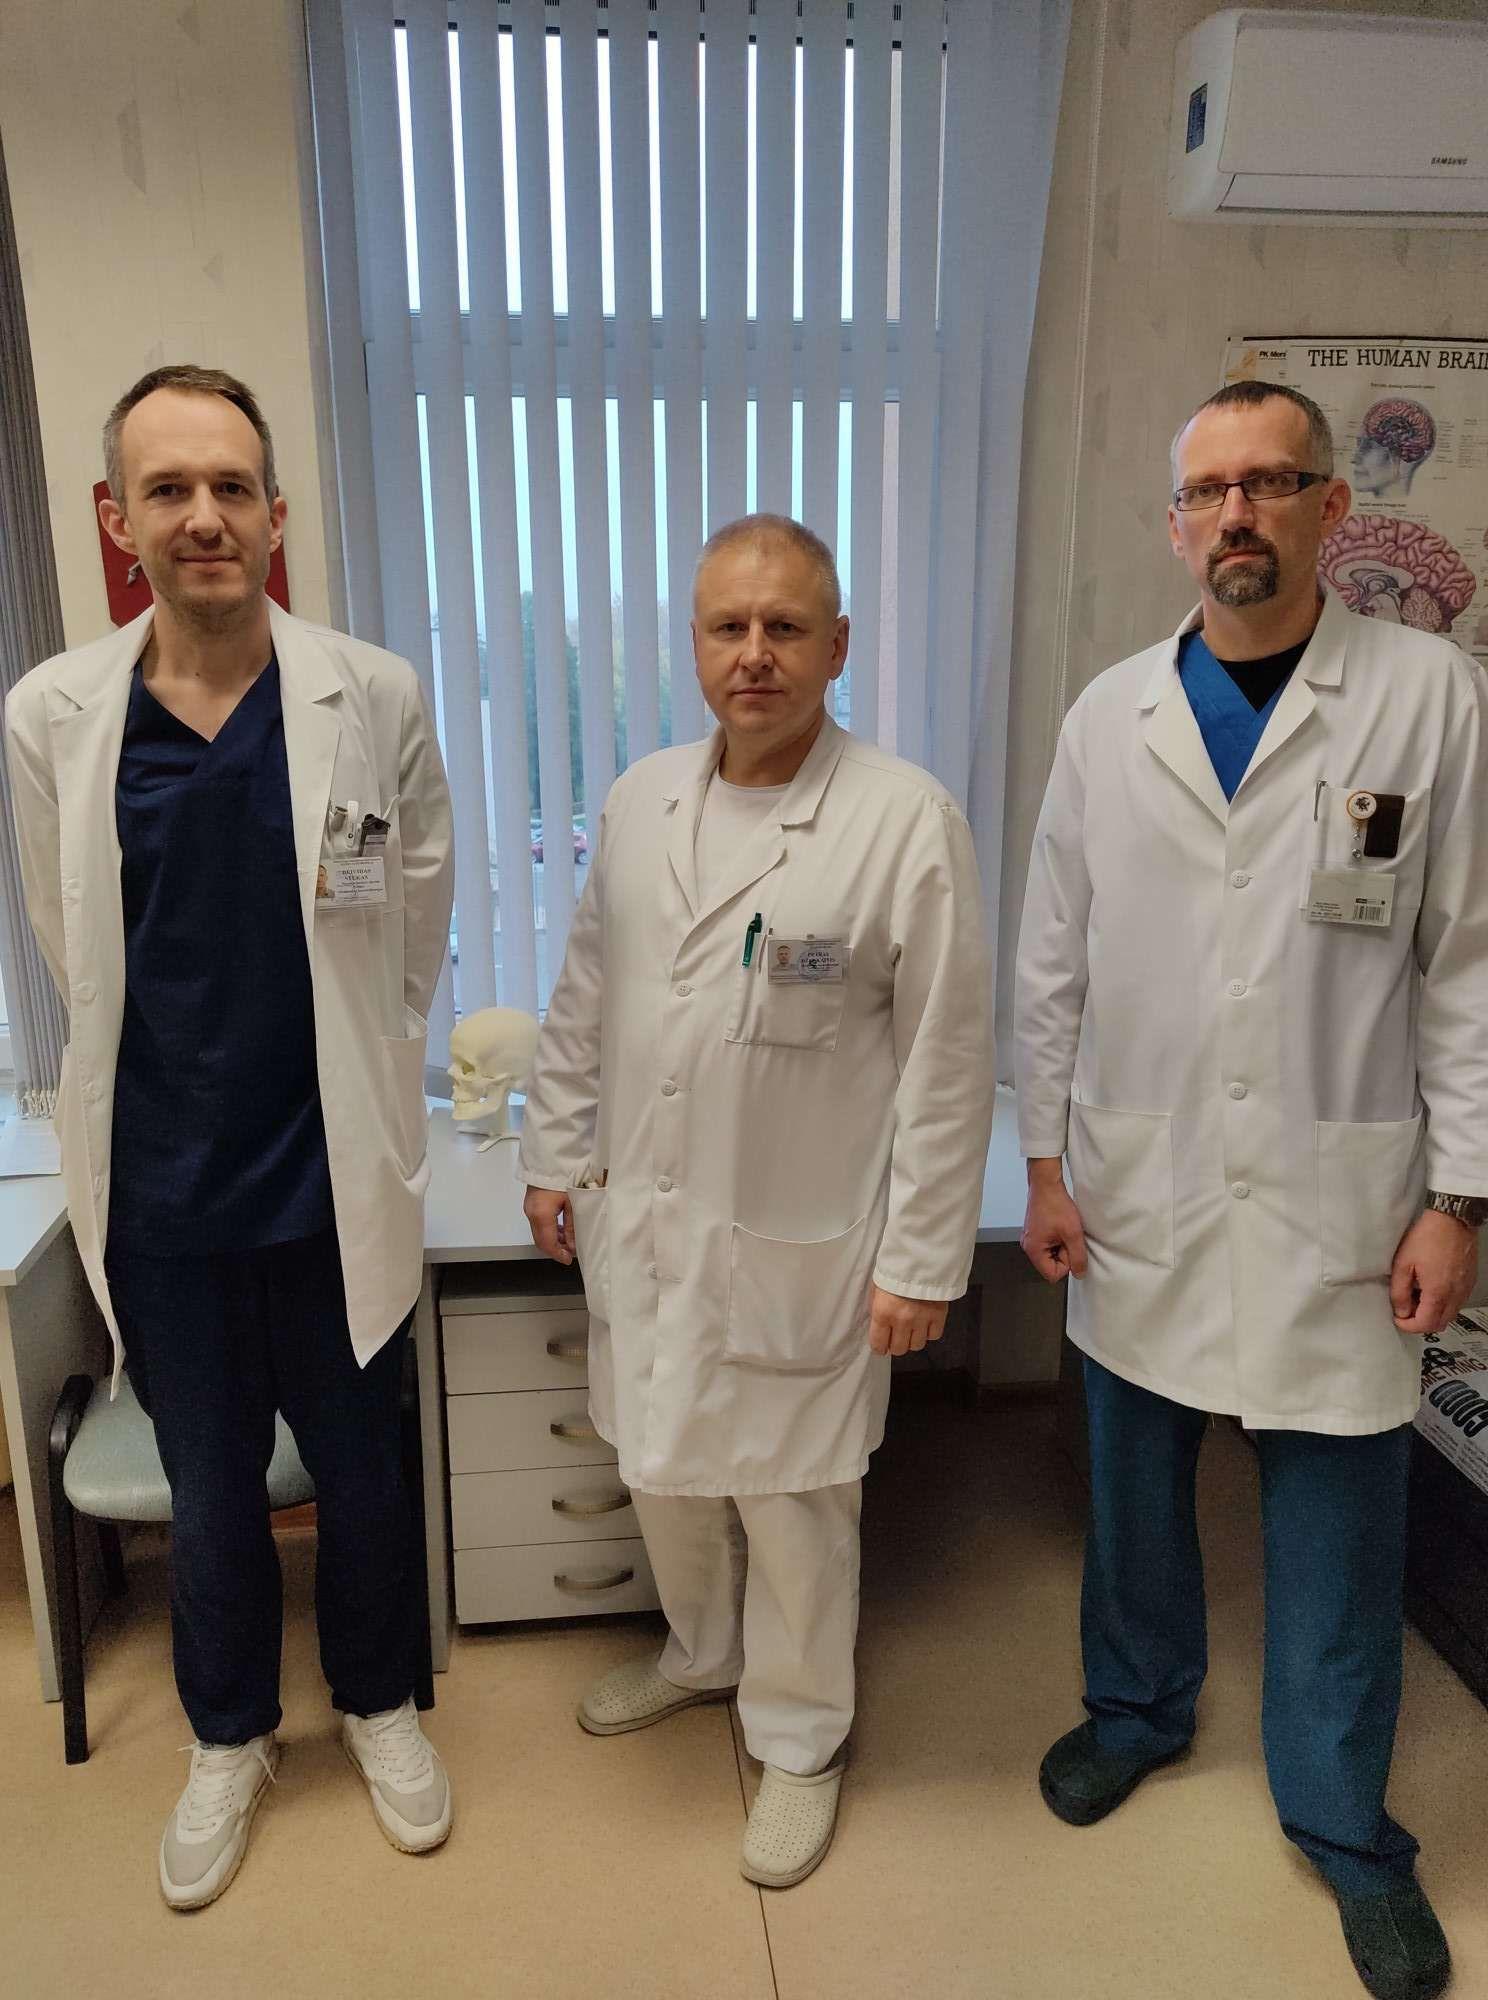 Deividas Stukas, Petras Dženkaitis, Gintaras Golubovas